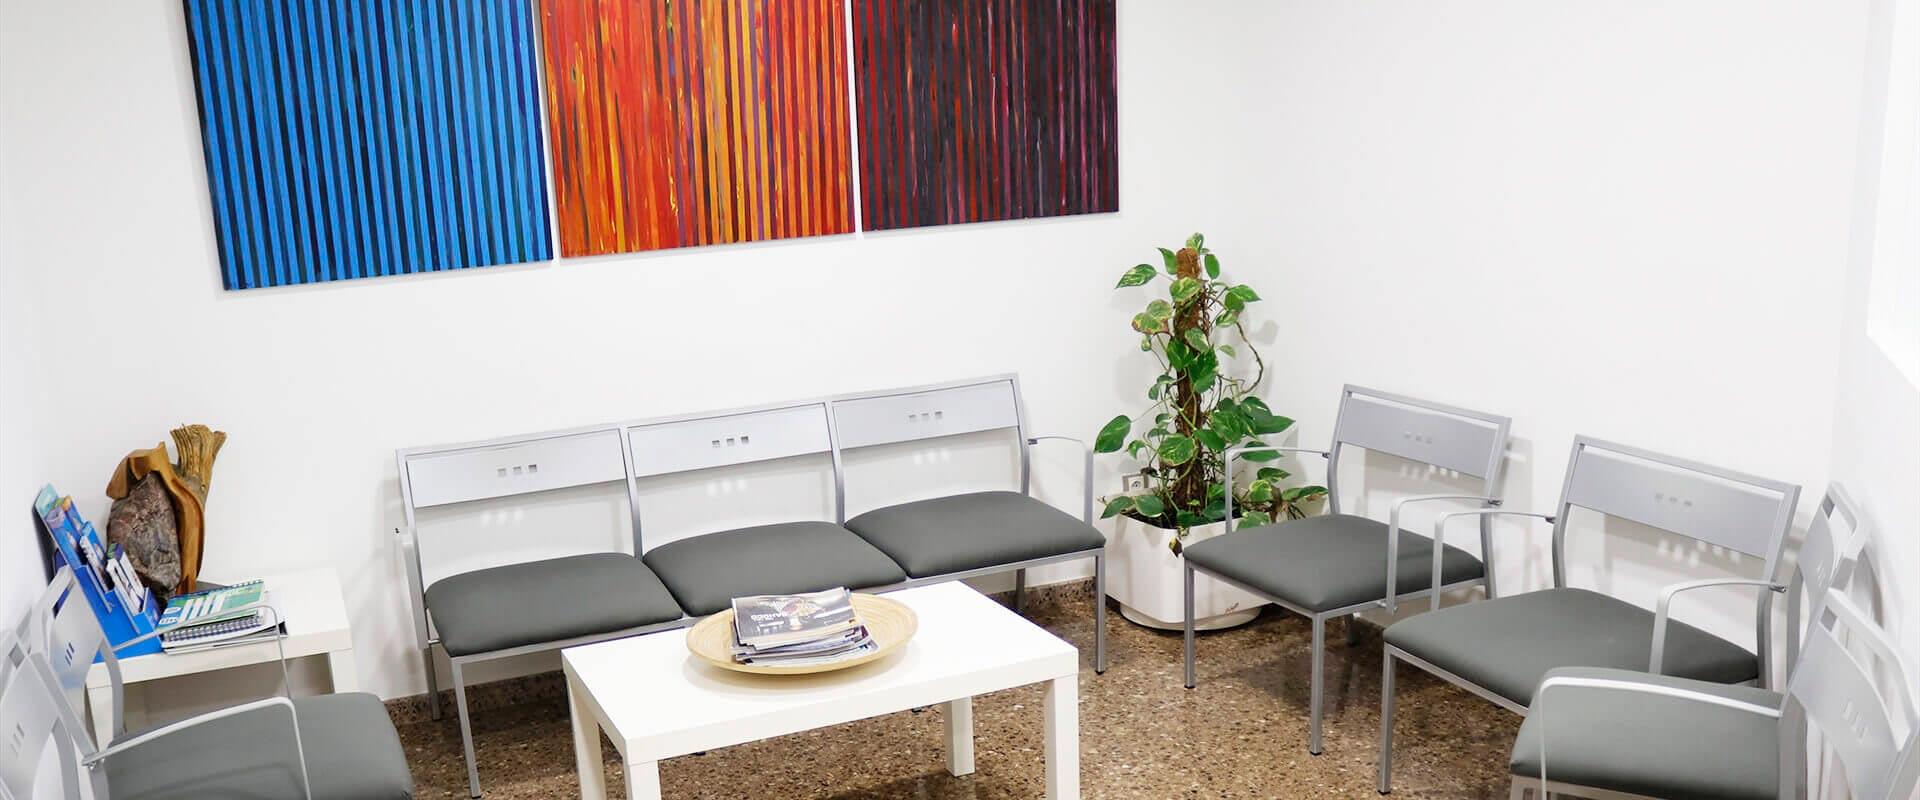 home_sala_de_espera 1920x800 - clinica orbident